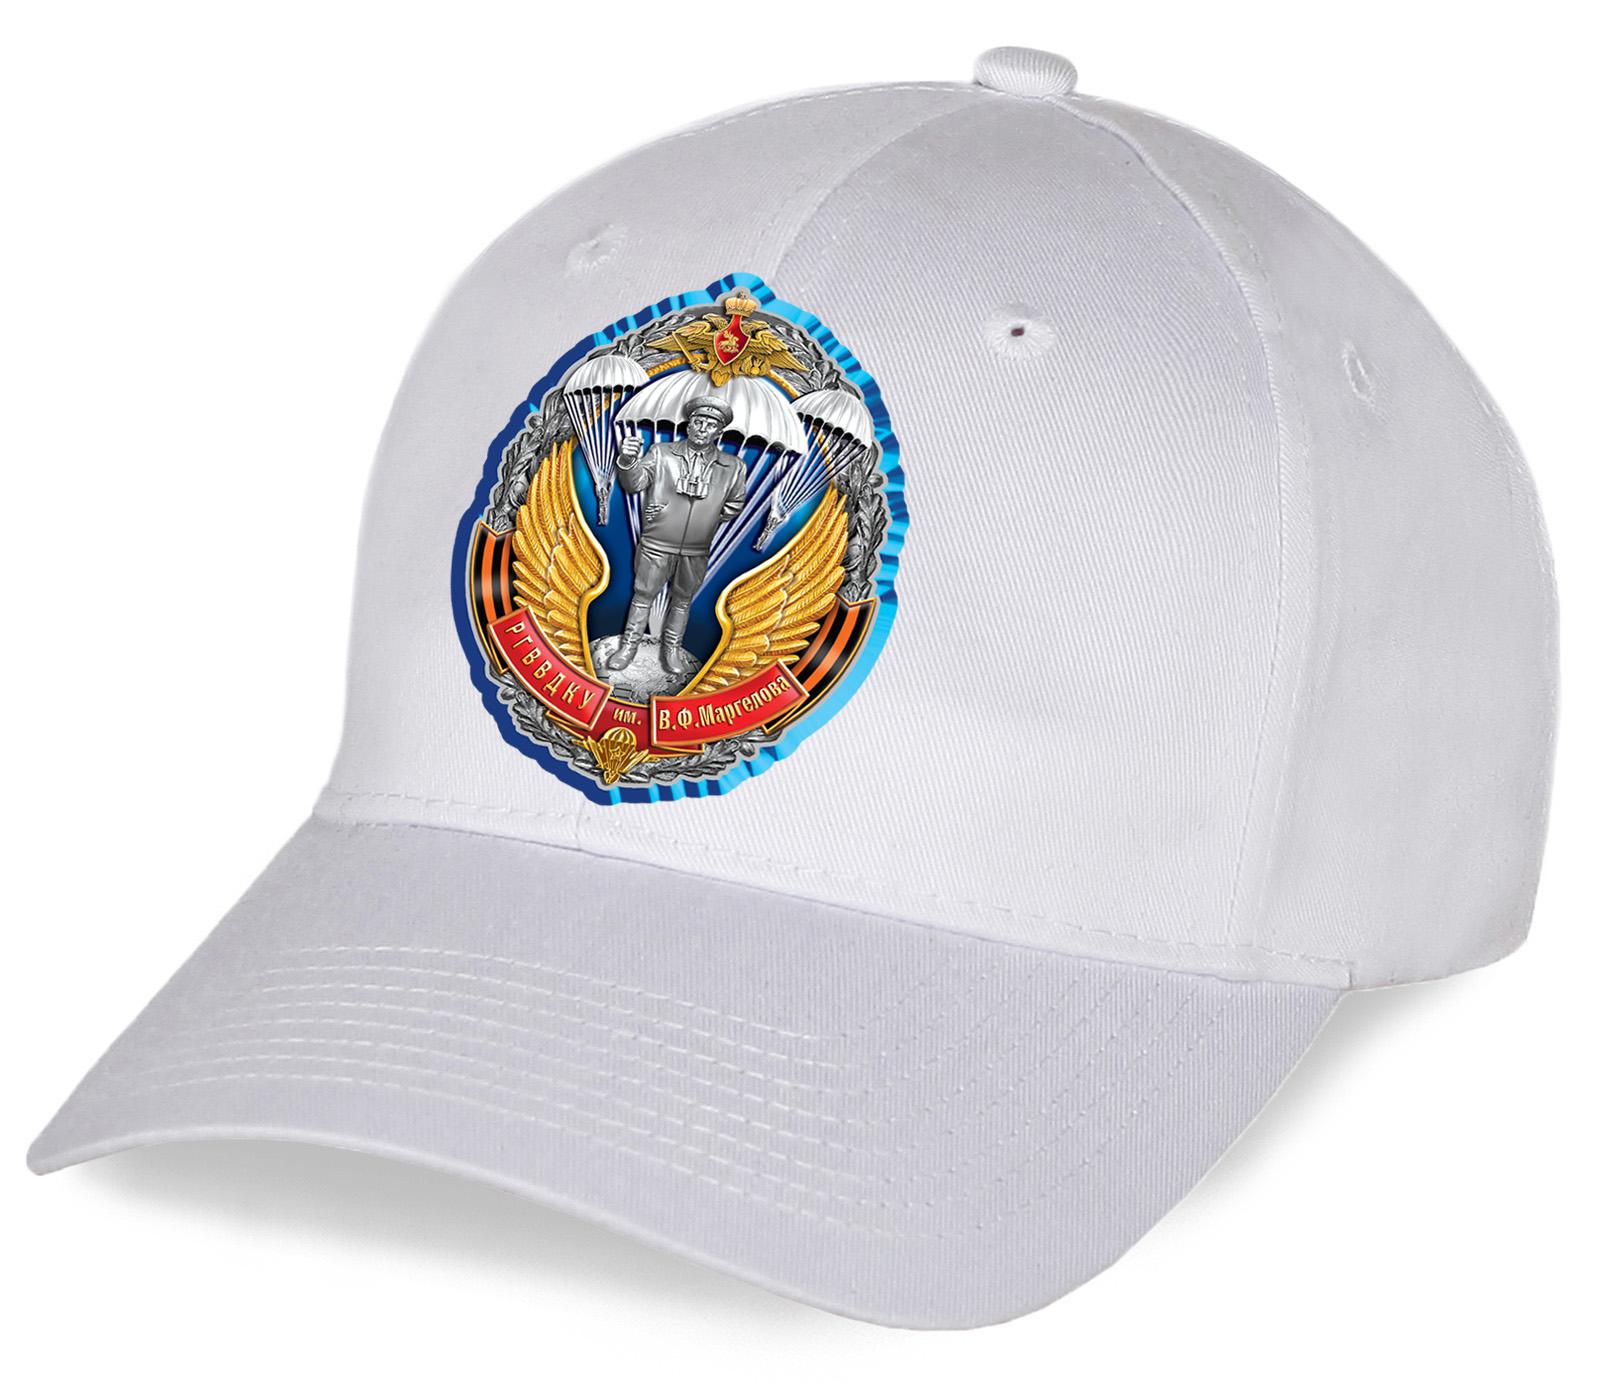 Недорогая кепка с эмблемой РГВВДКУ